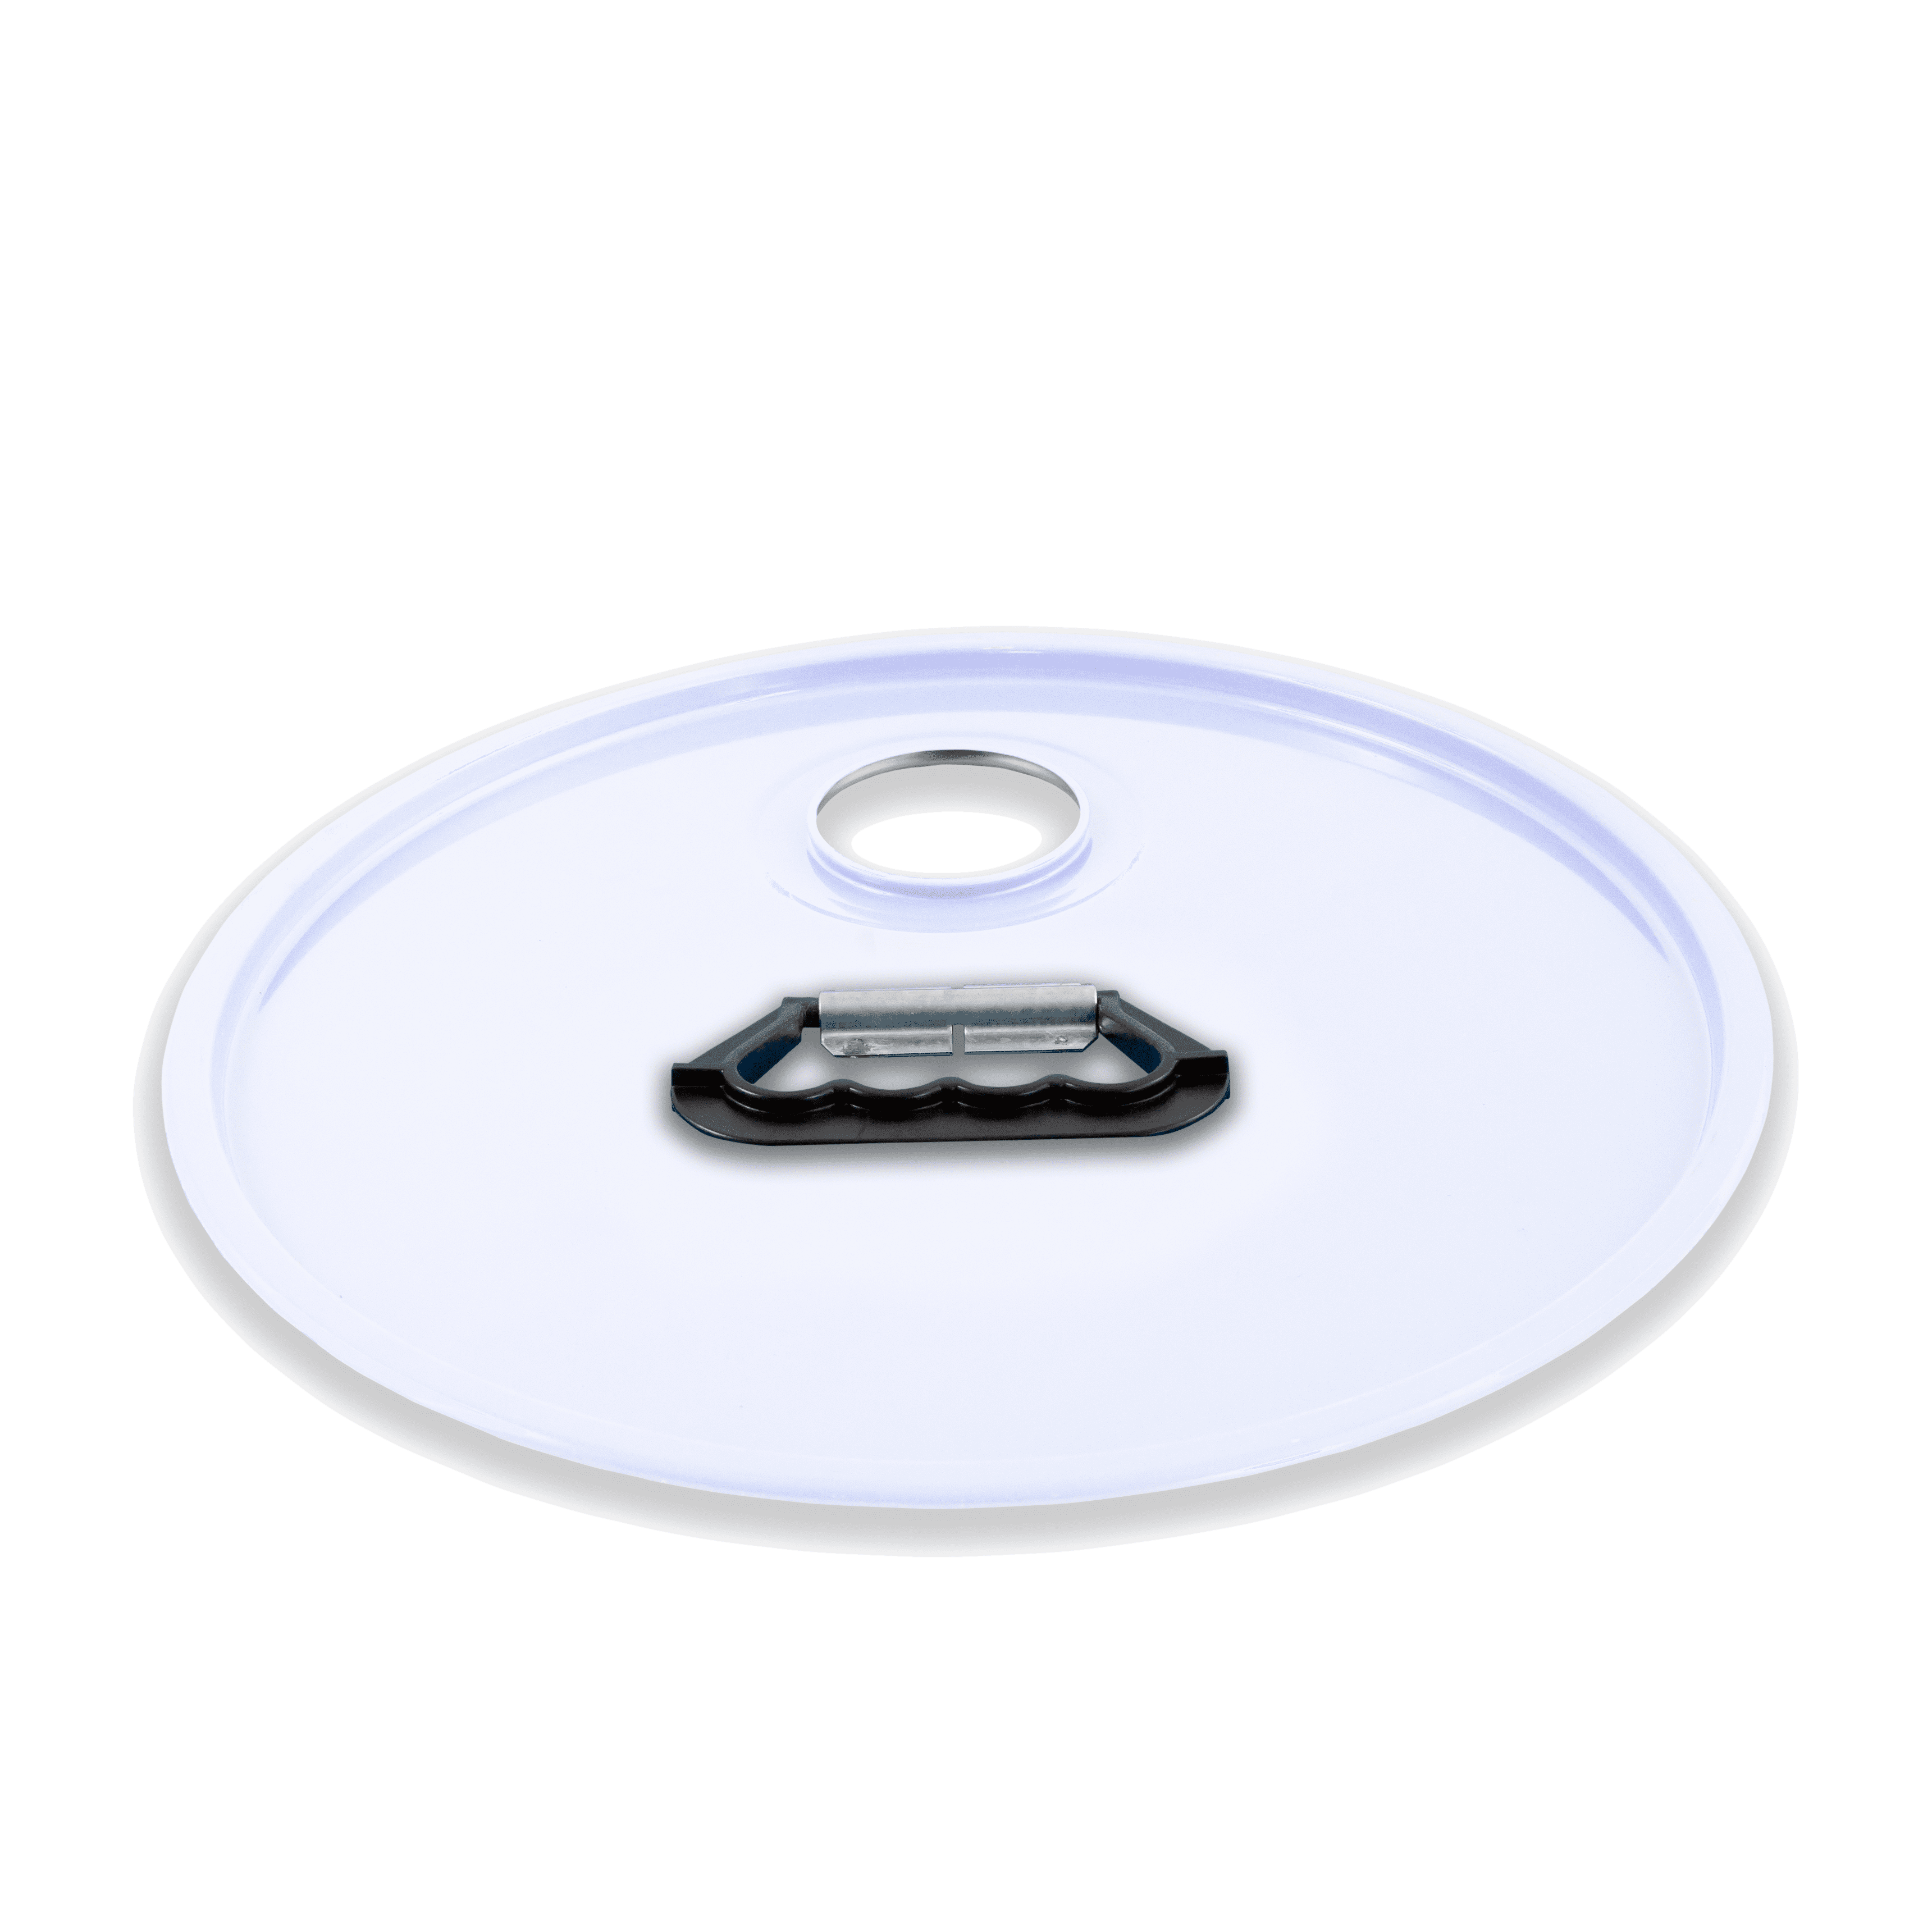 Coperchio Aggraffato con 1 foro e maniglia plastica prodotto da Cavioni Fustitalia